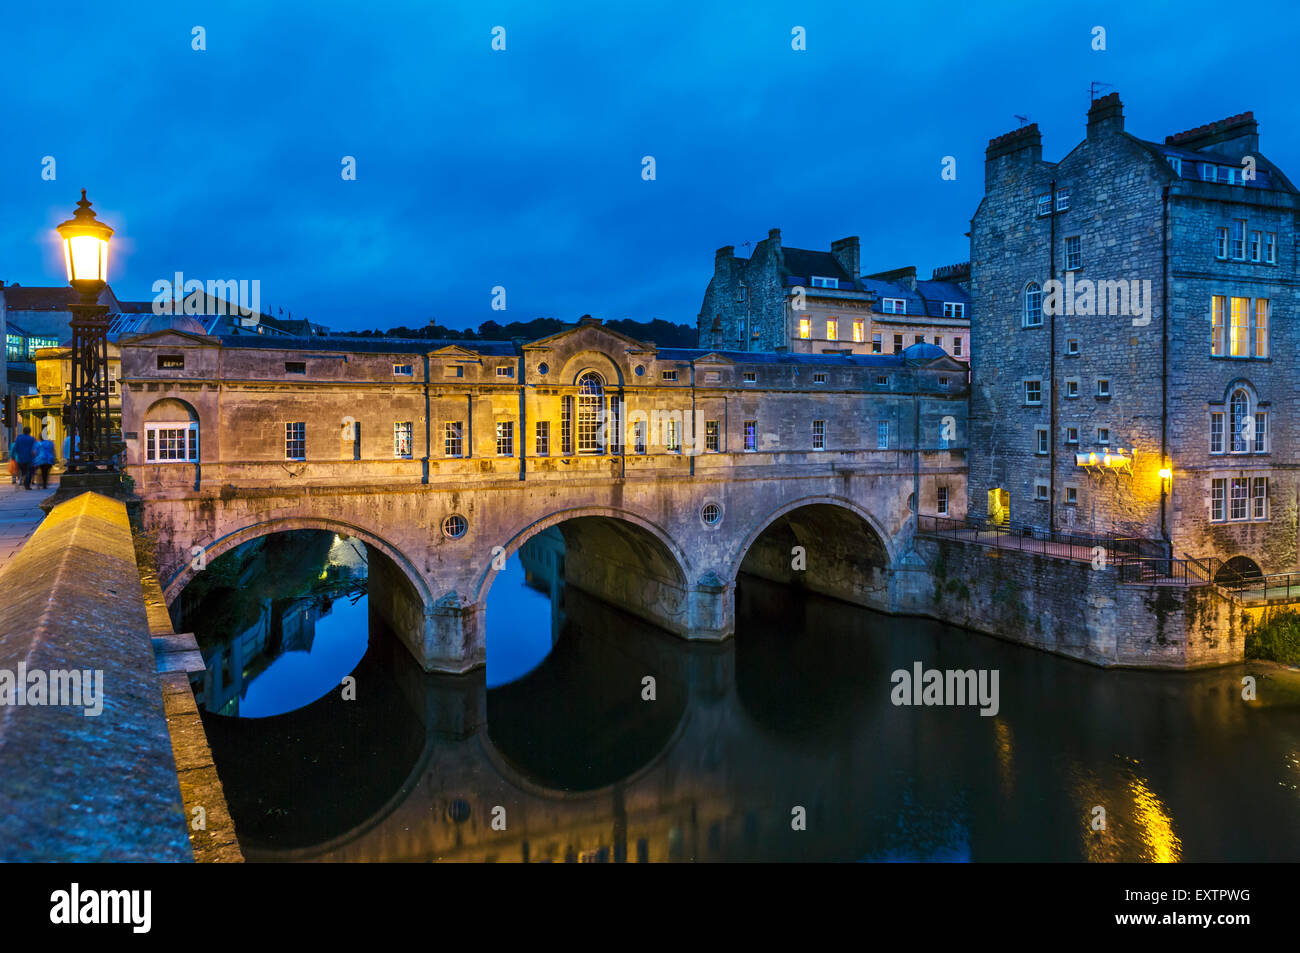 Photo de nuit de l'historique 18thC Pulteney Bridge sur la rivière Avon, dans le centre-ville historique, Photo Stock